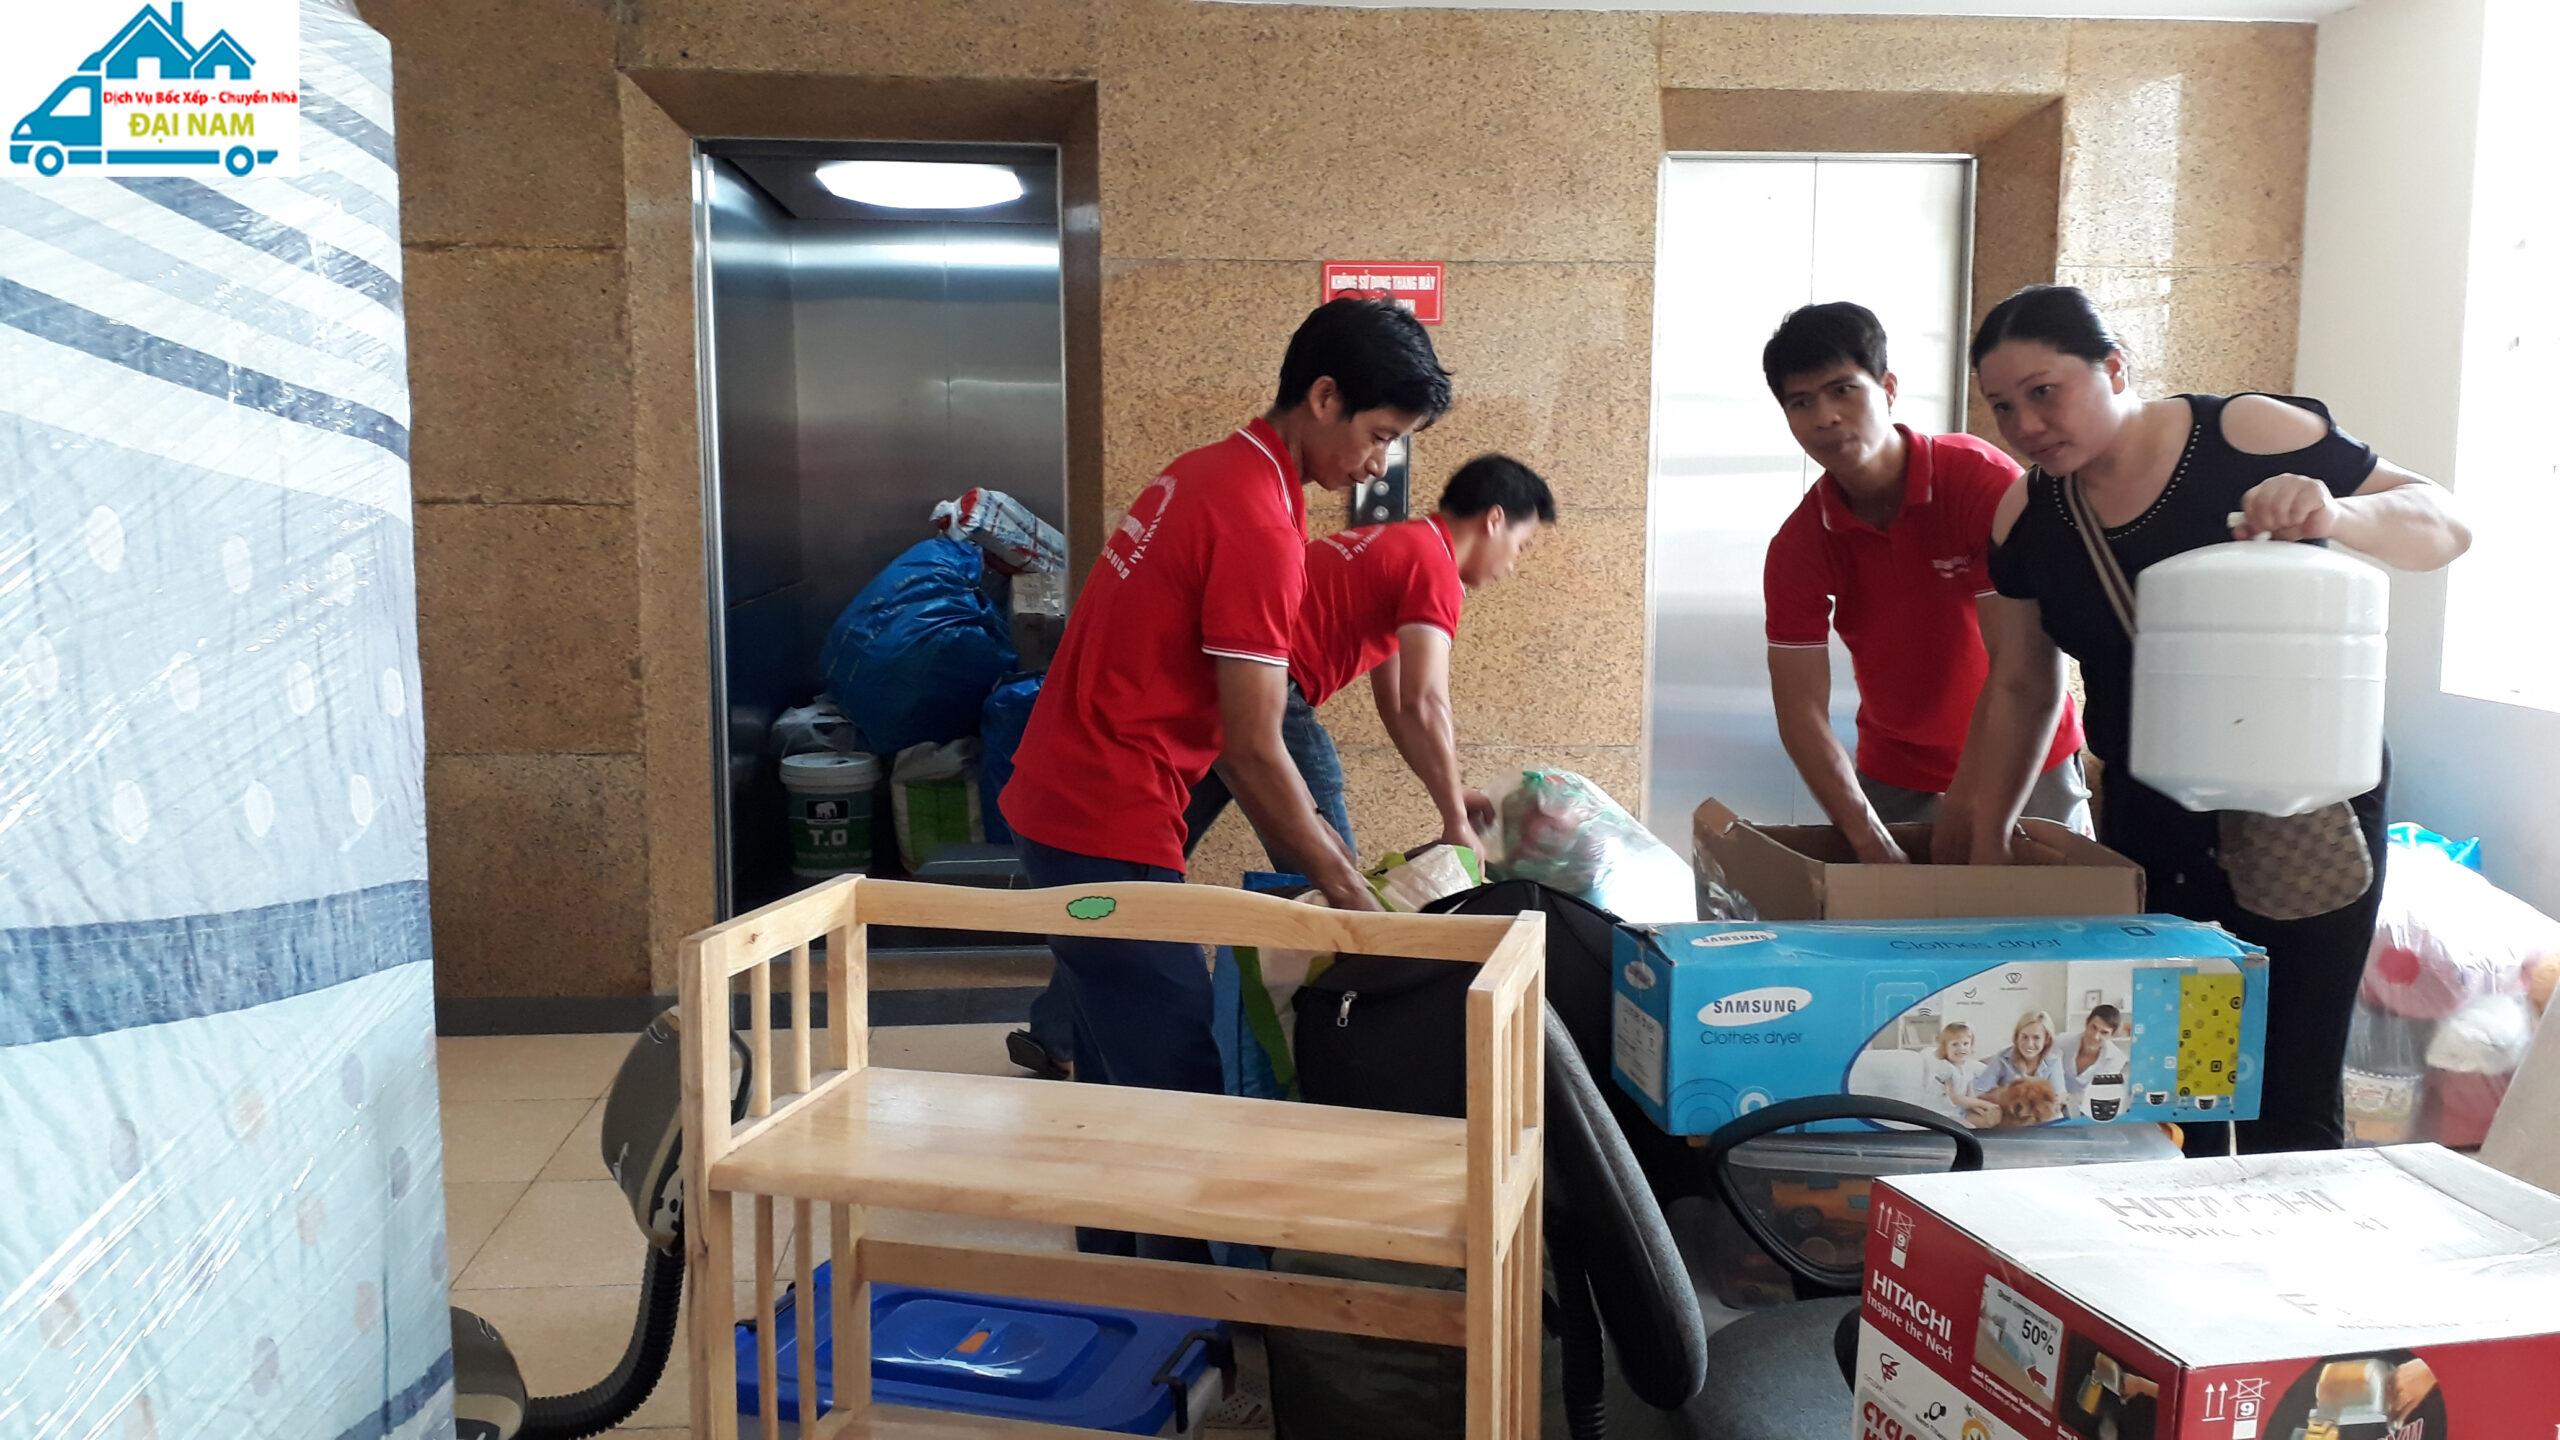 Dịch vụ chuyển nhà quận Bình Thạnh giá rẻ uy tín số 1 tại Tphcm